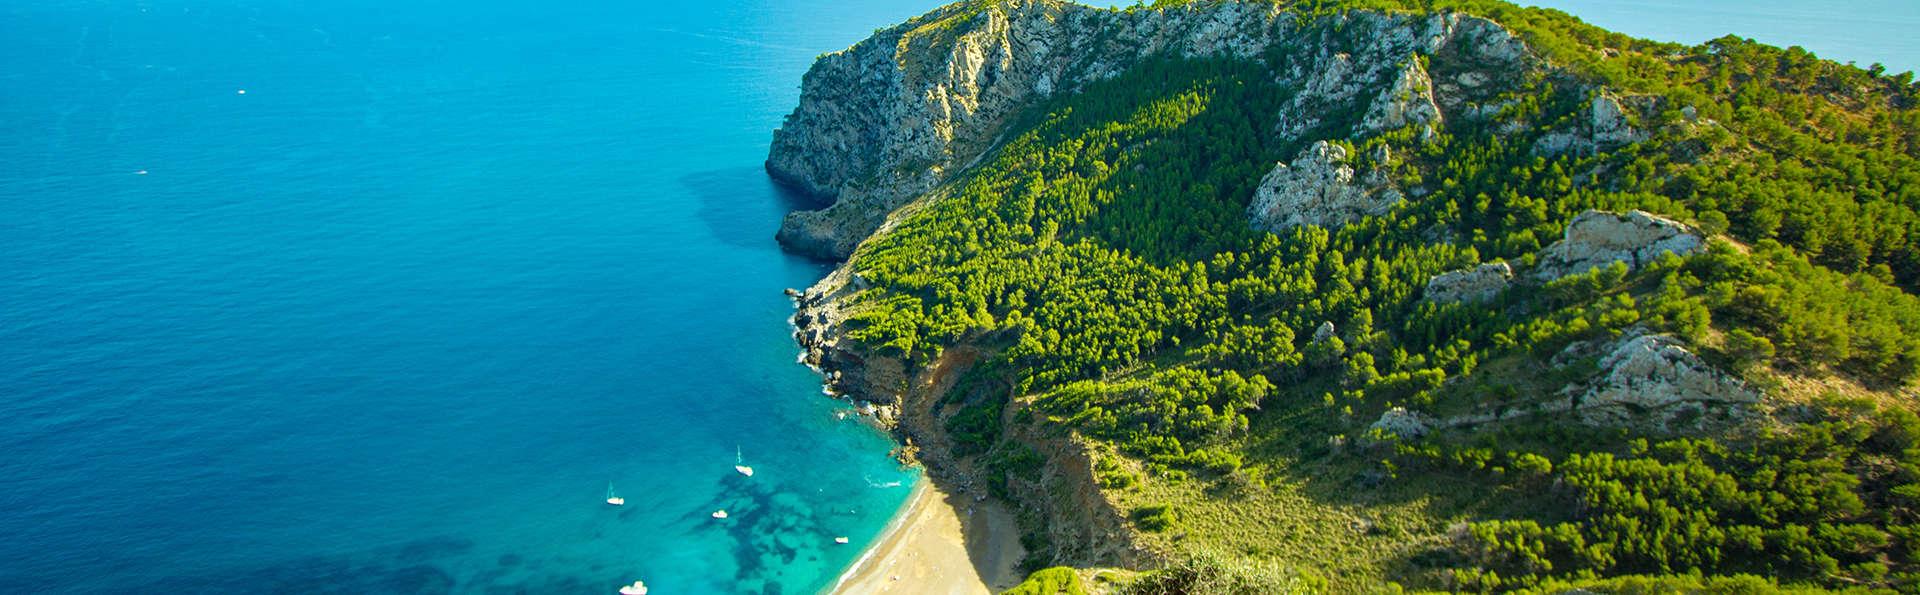 Séjournez dans une suite junior et profitez d'une escapade exclusive à Majorque